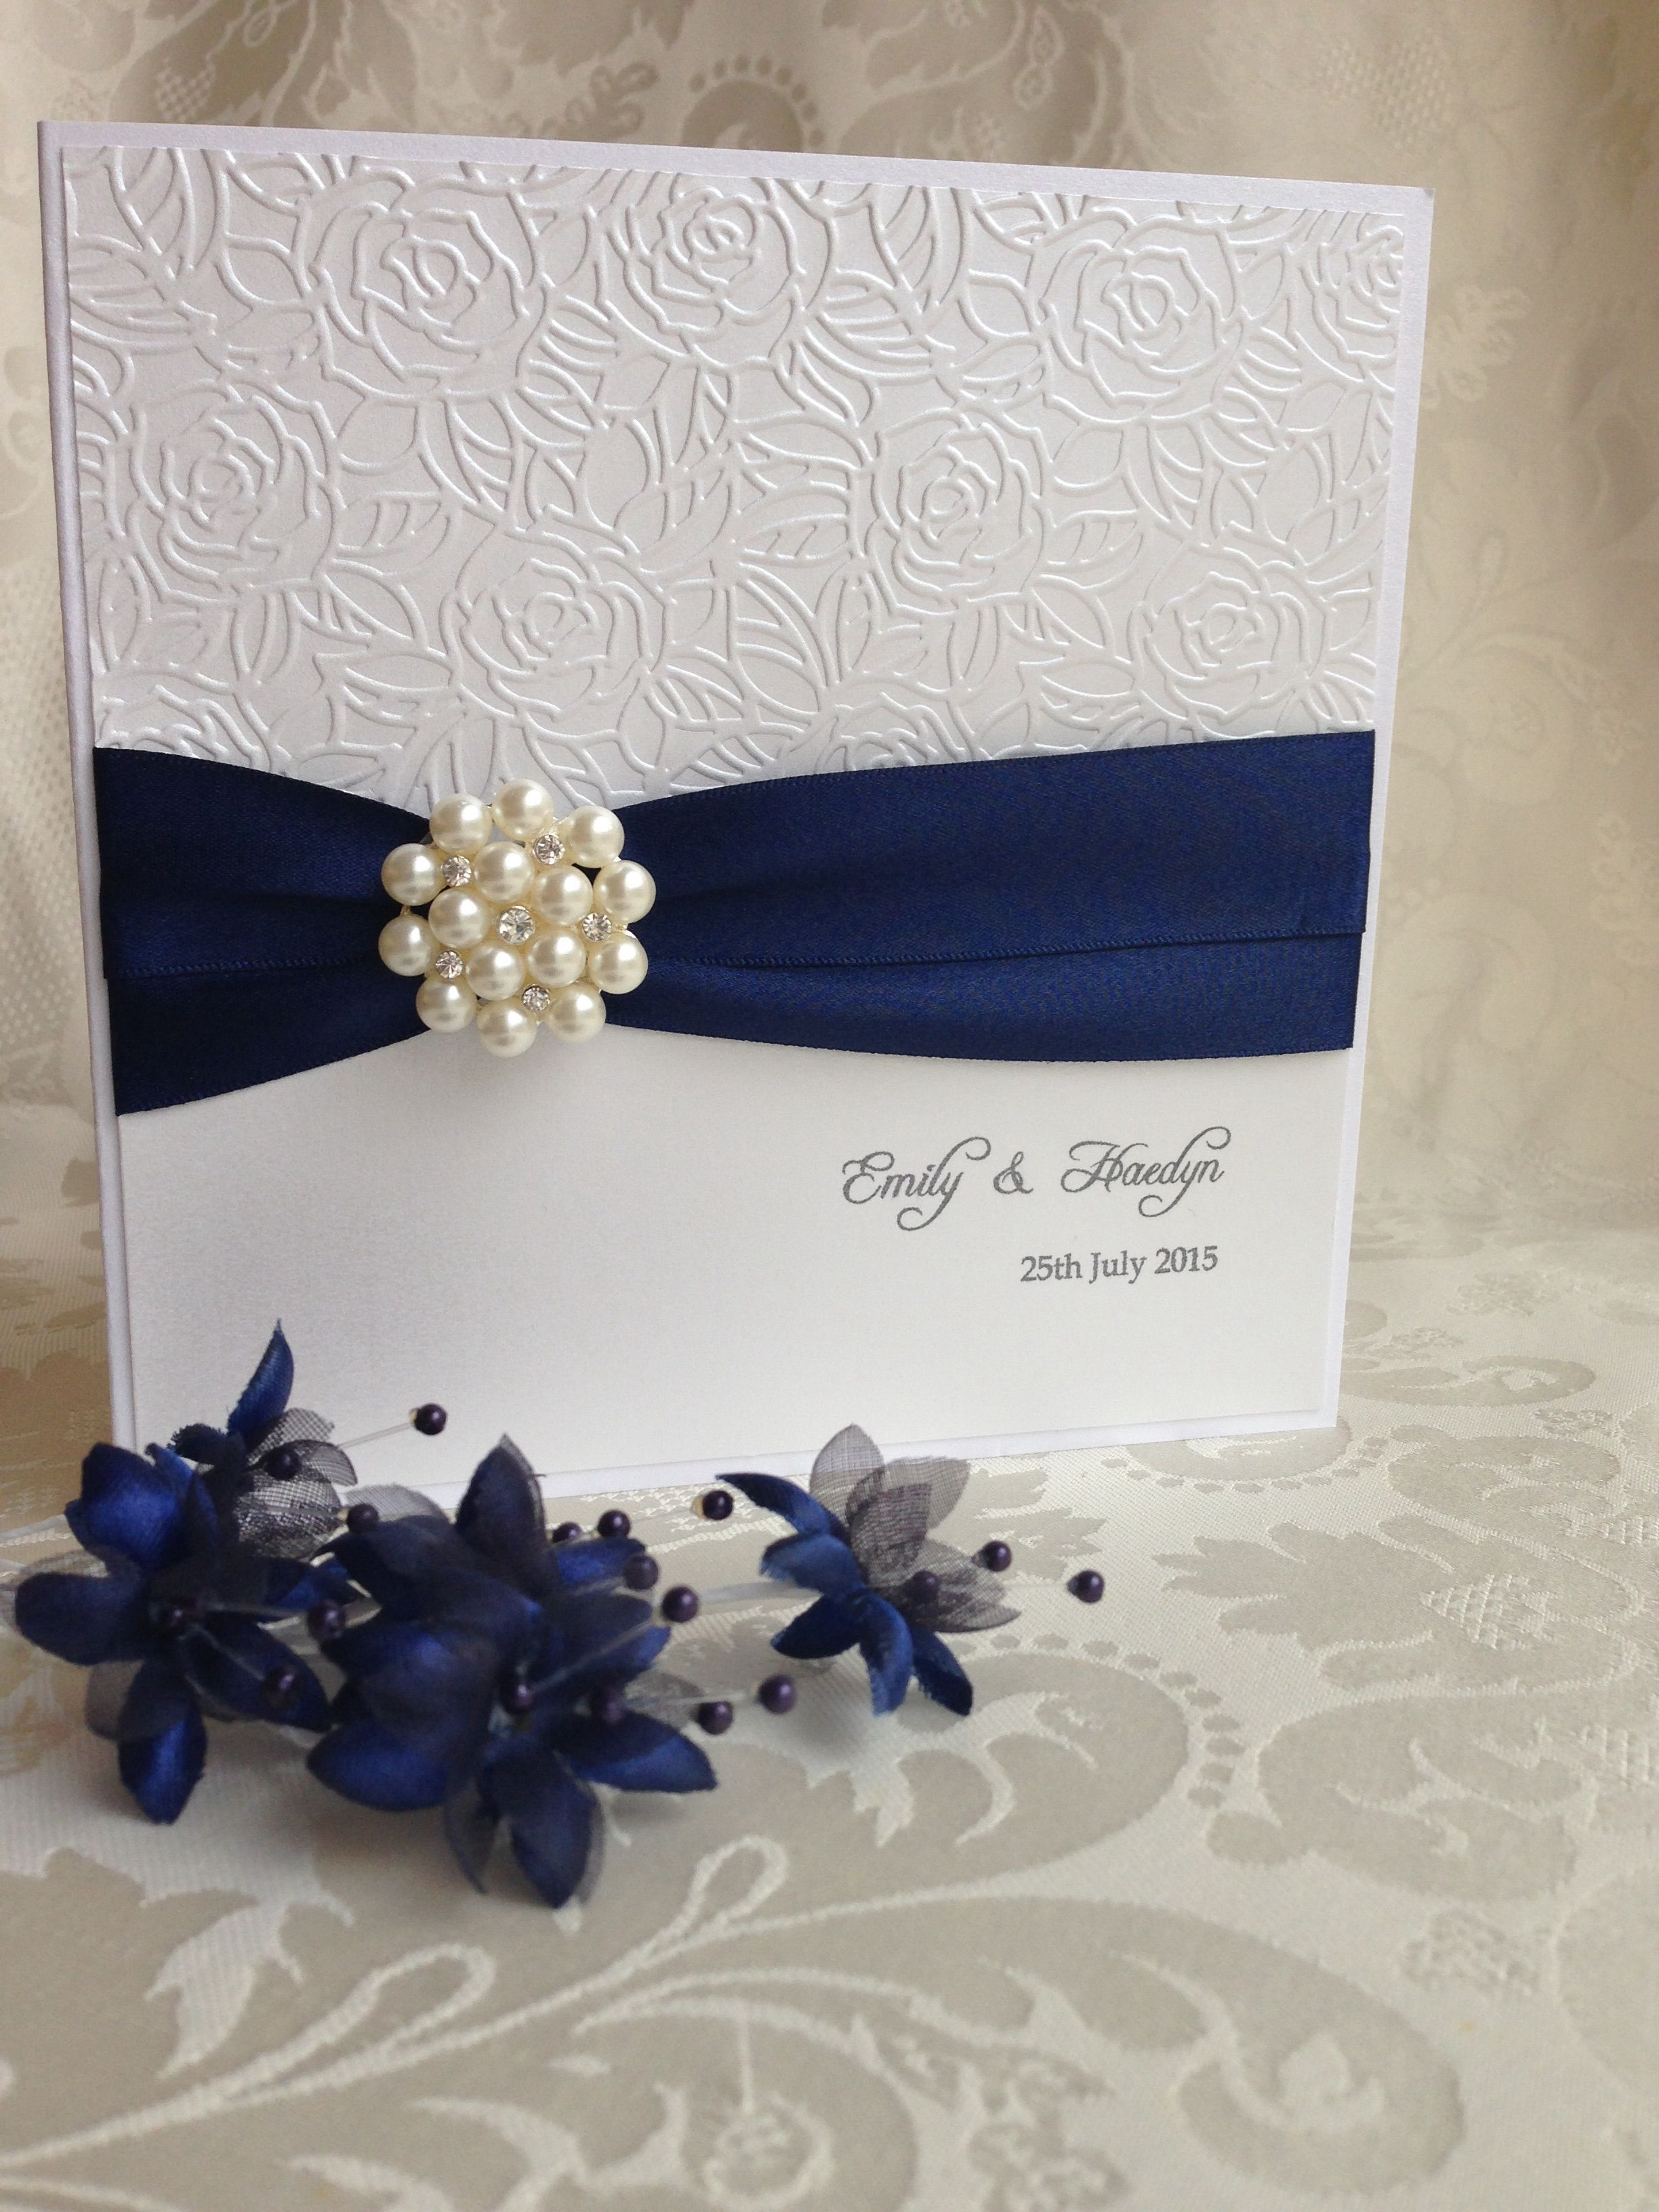 Invitaciones de boda originales Visita mi blog para ver ms http